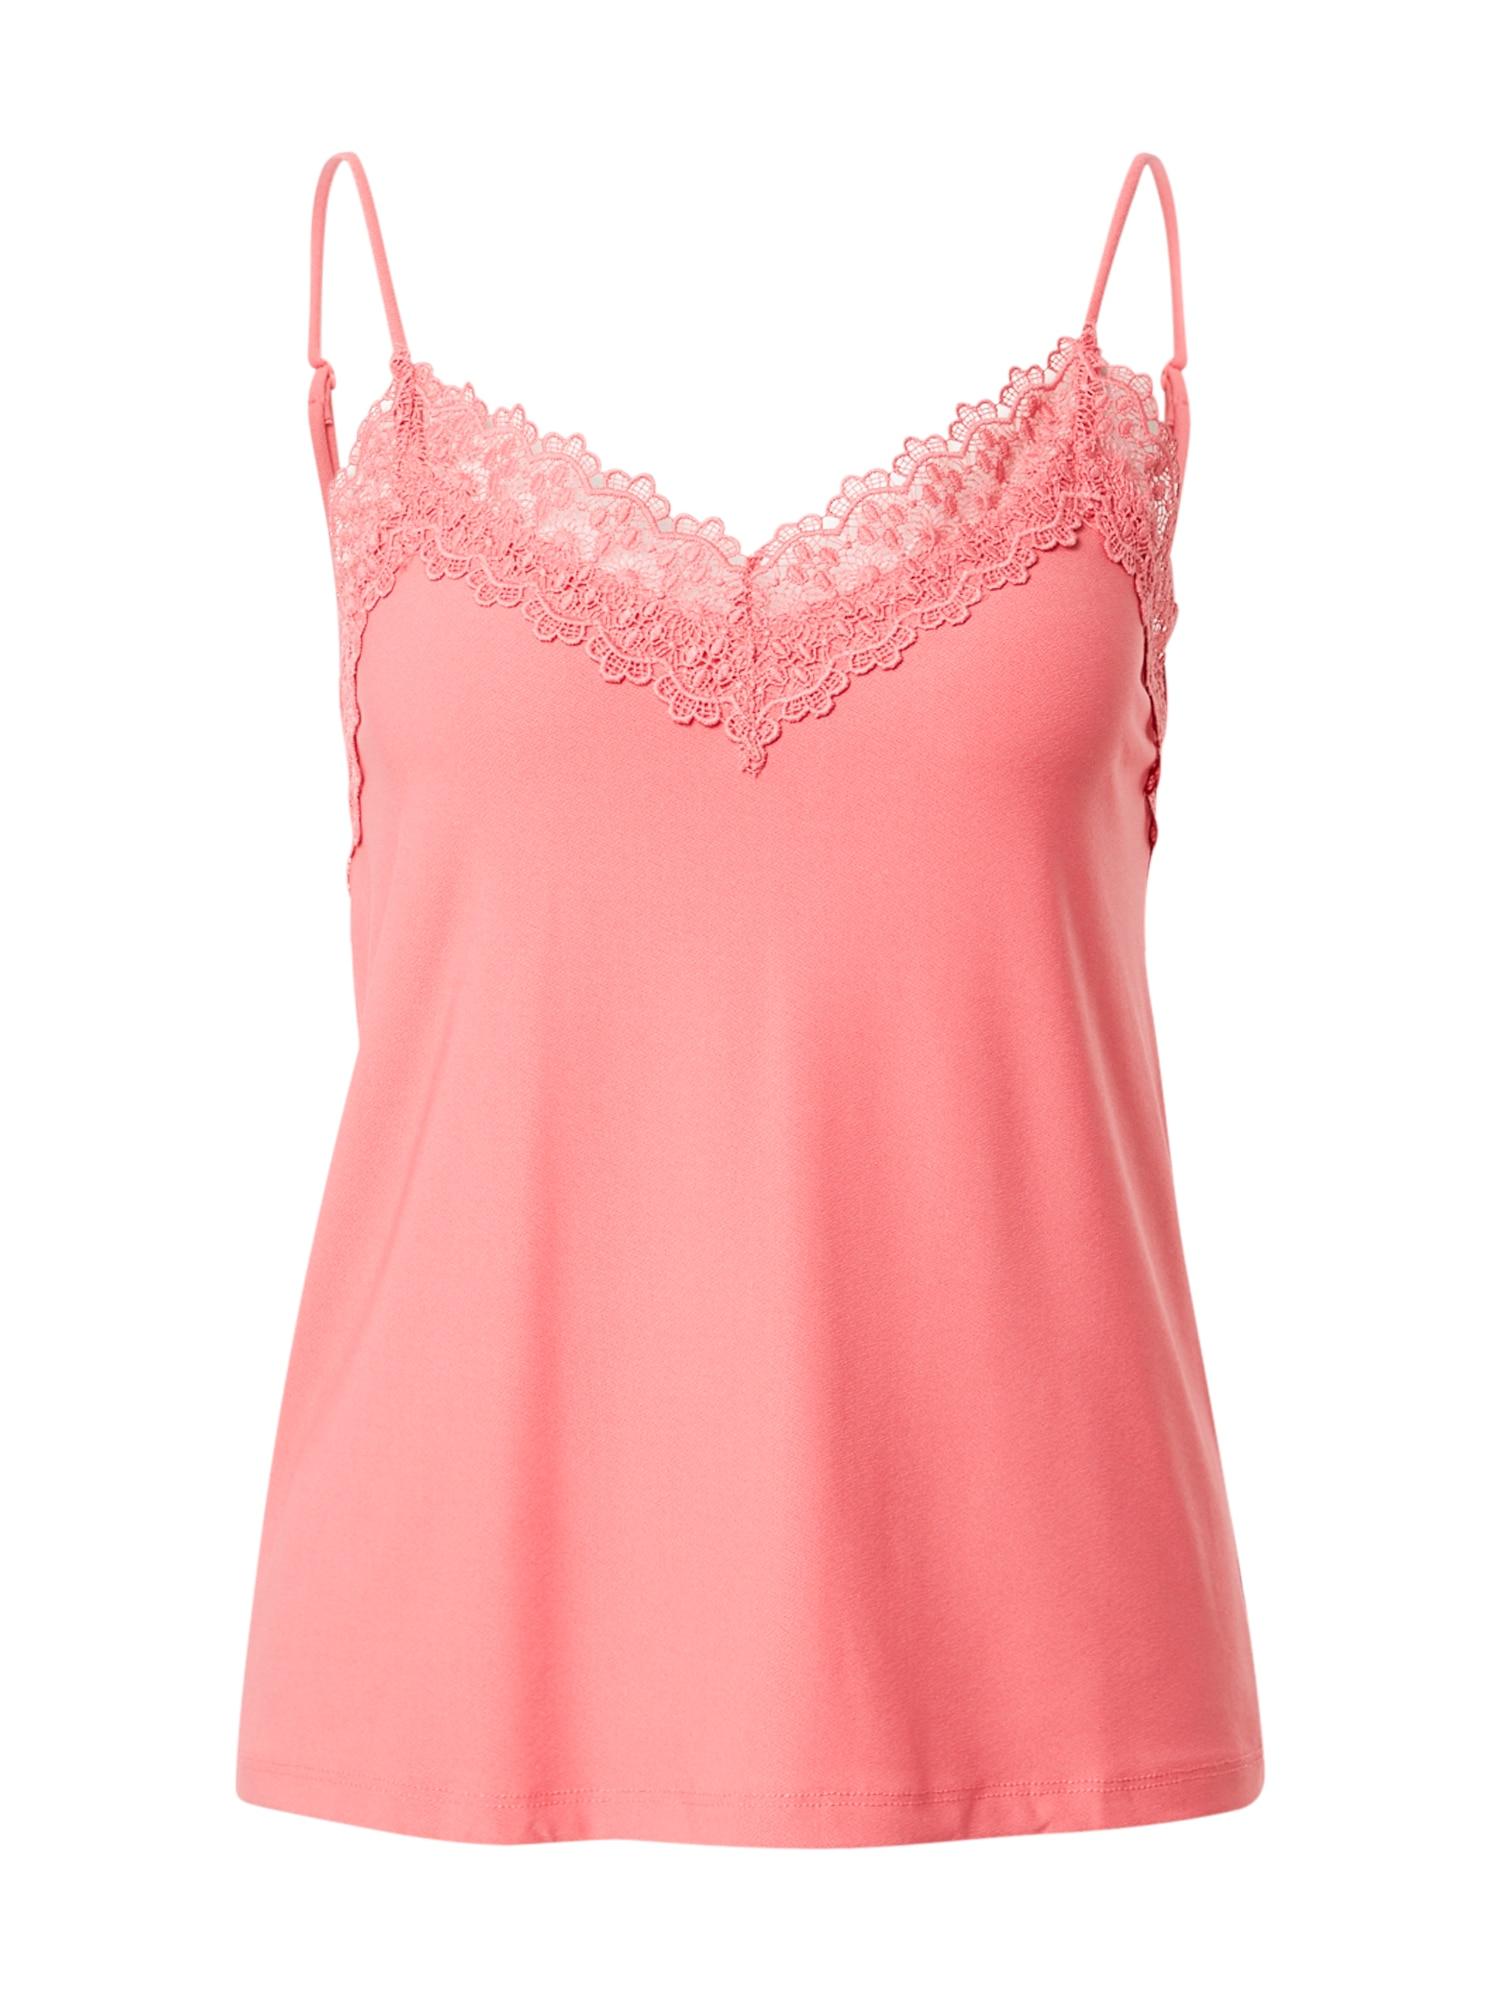 VERO MODA Top 'MILLA'  pink